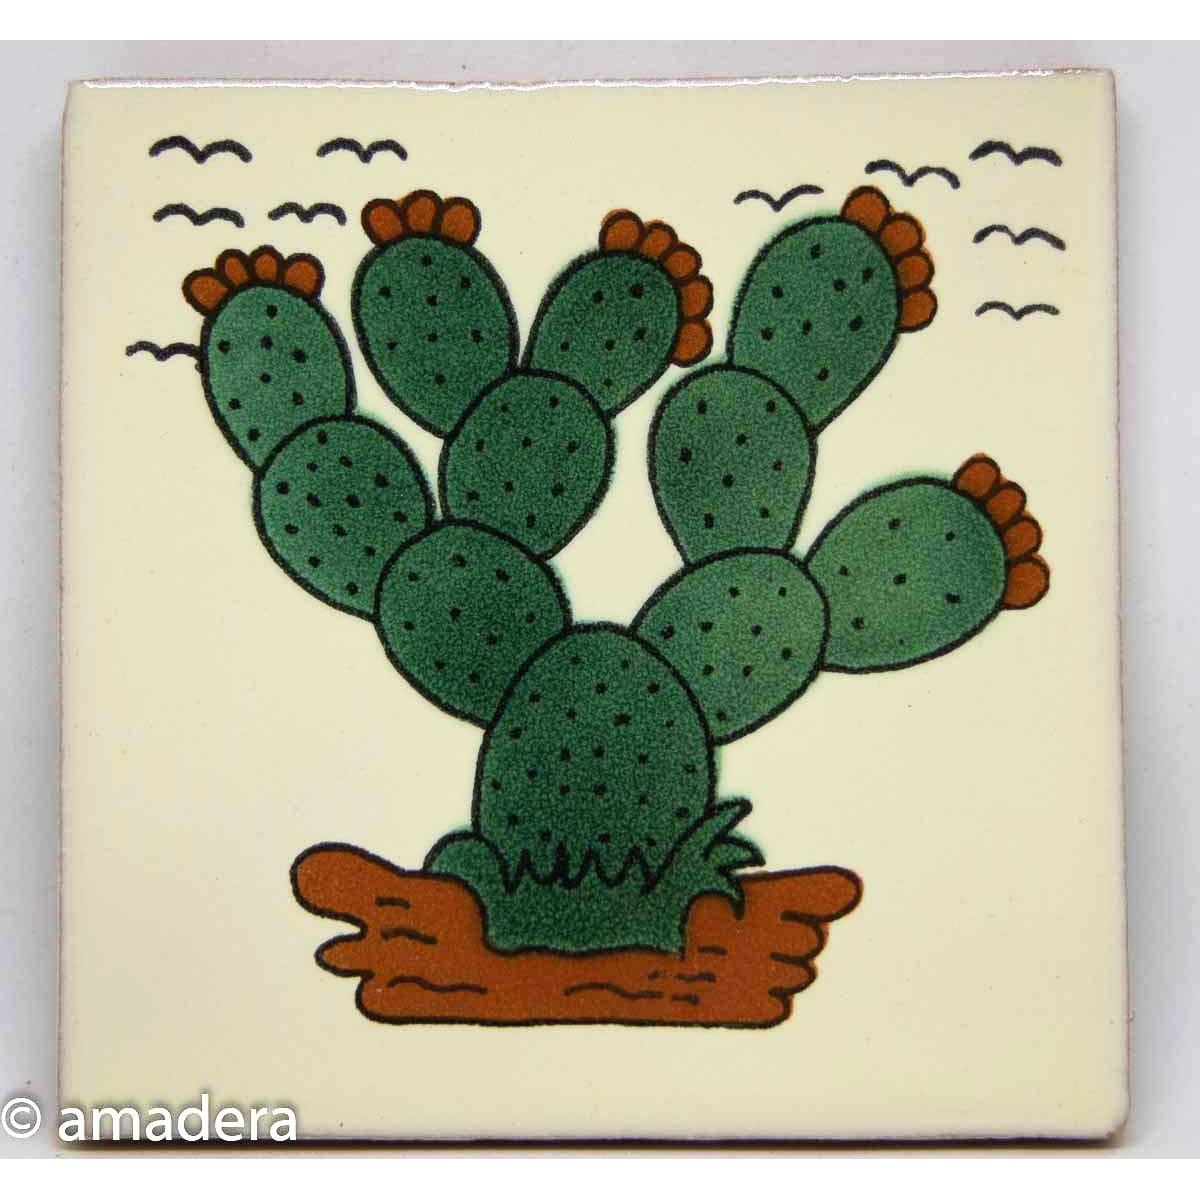 Azulejos mosaïque mexicaine